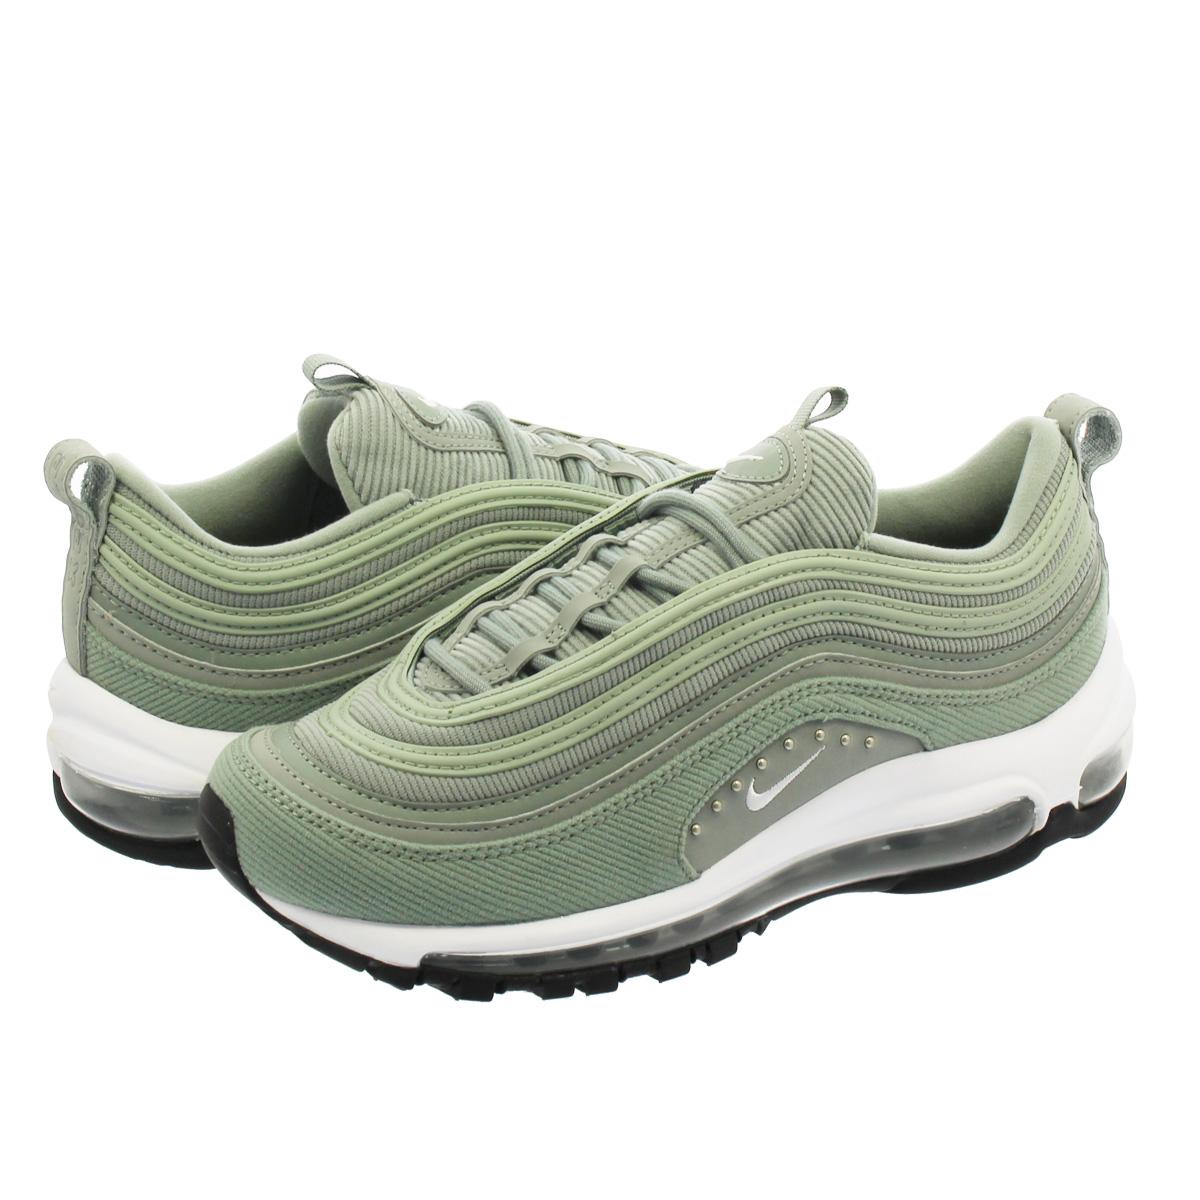 fa1bbade39837e NIKE WMNS AIR MAX 97 SE Nike women Air Max 97 SE MICA GREEN WHITE aq4137-300